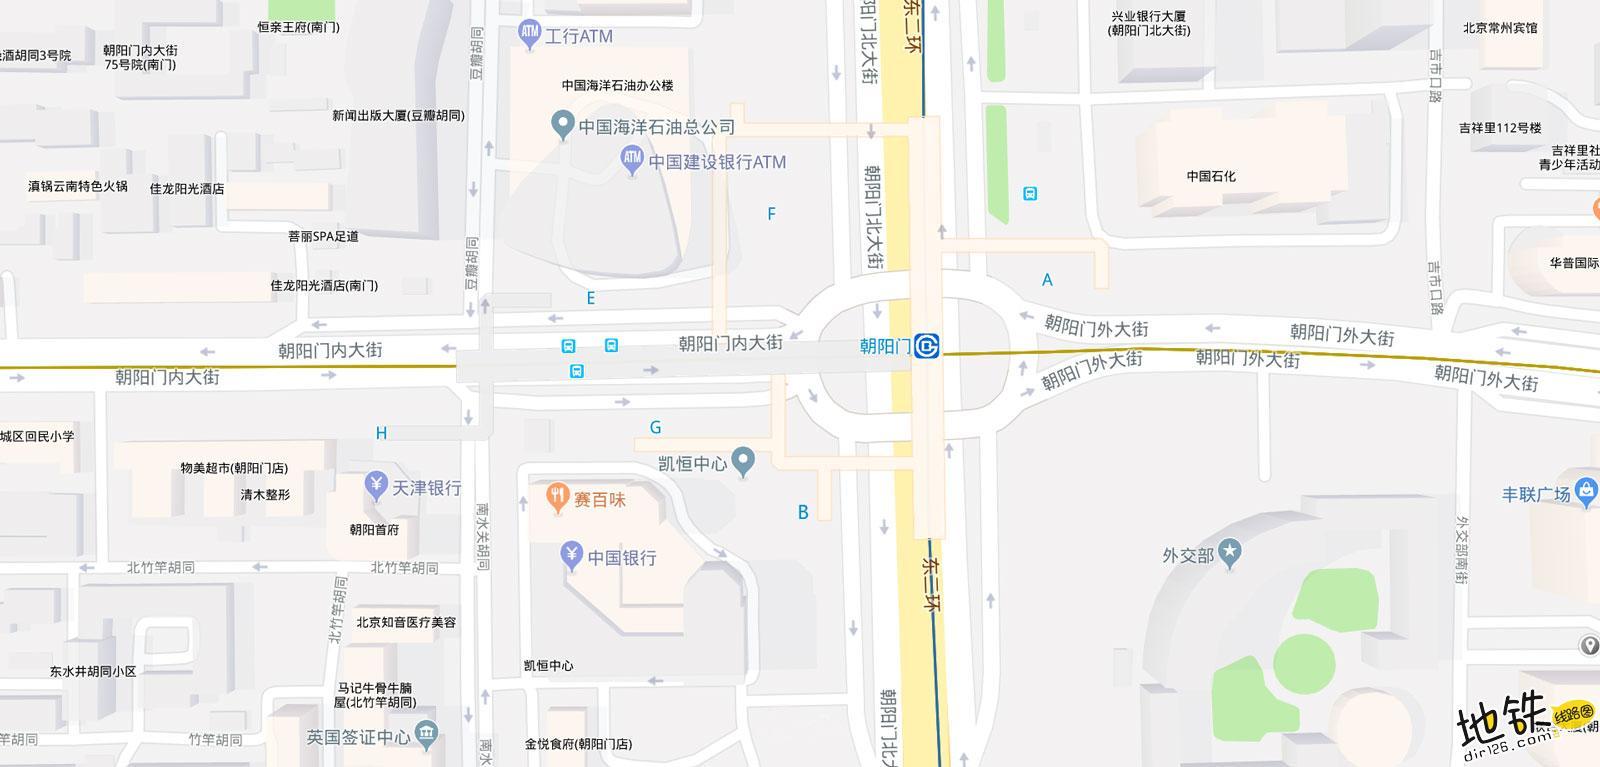 朝阳门地铁站 北京地铁朝阳门站出入口 地图信息查询  北京地铁站  第2张